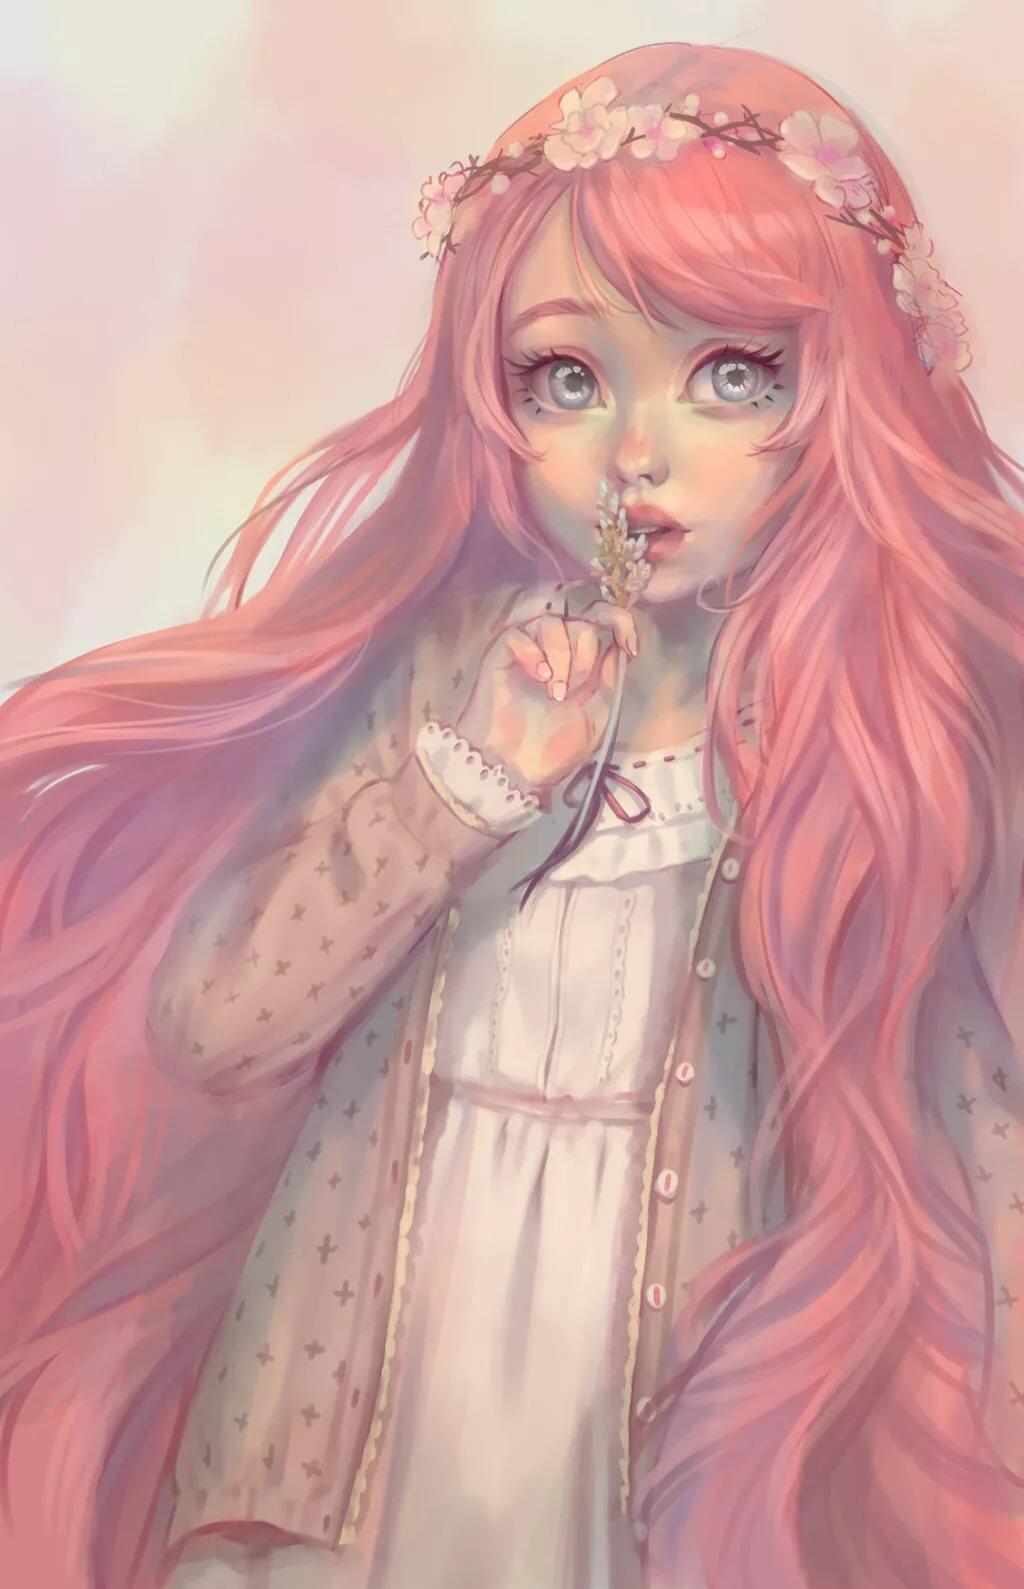 Женщина, картинки девушек нарисованные цветные милые